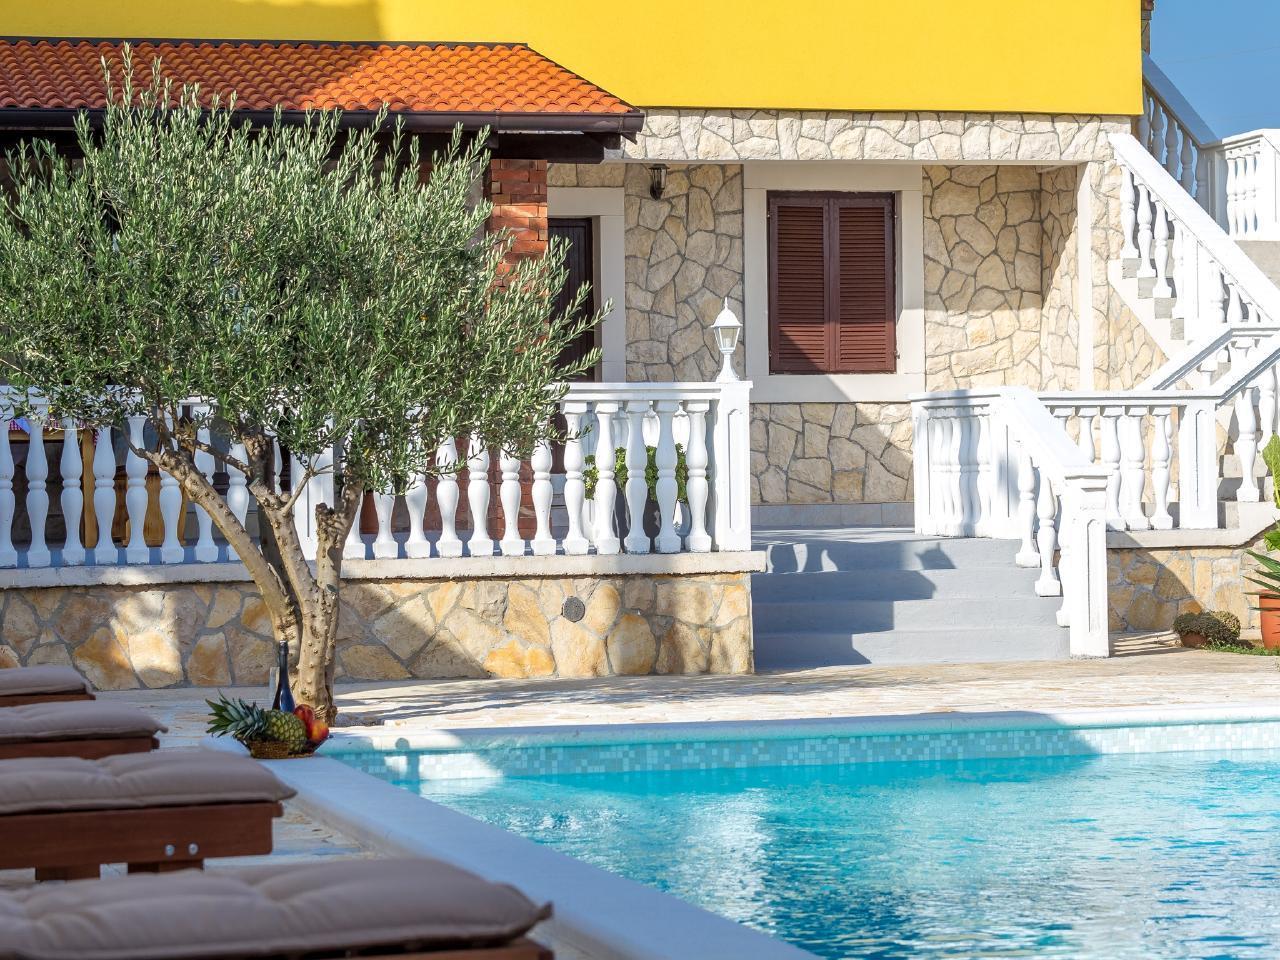 Ferienhaus Iva mit Pool